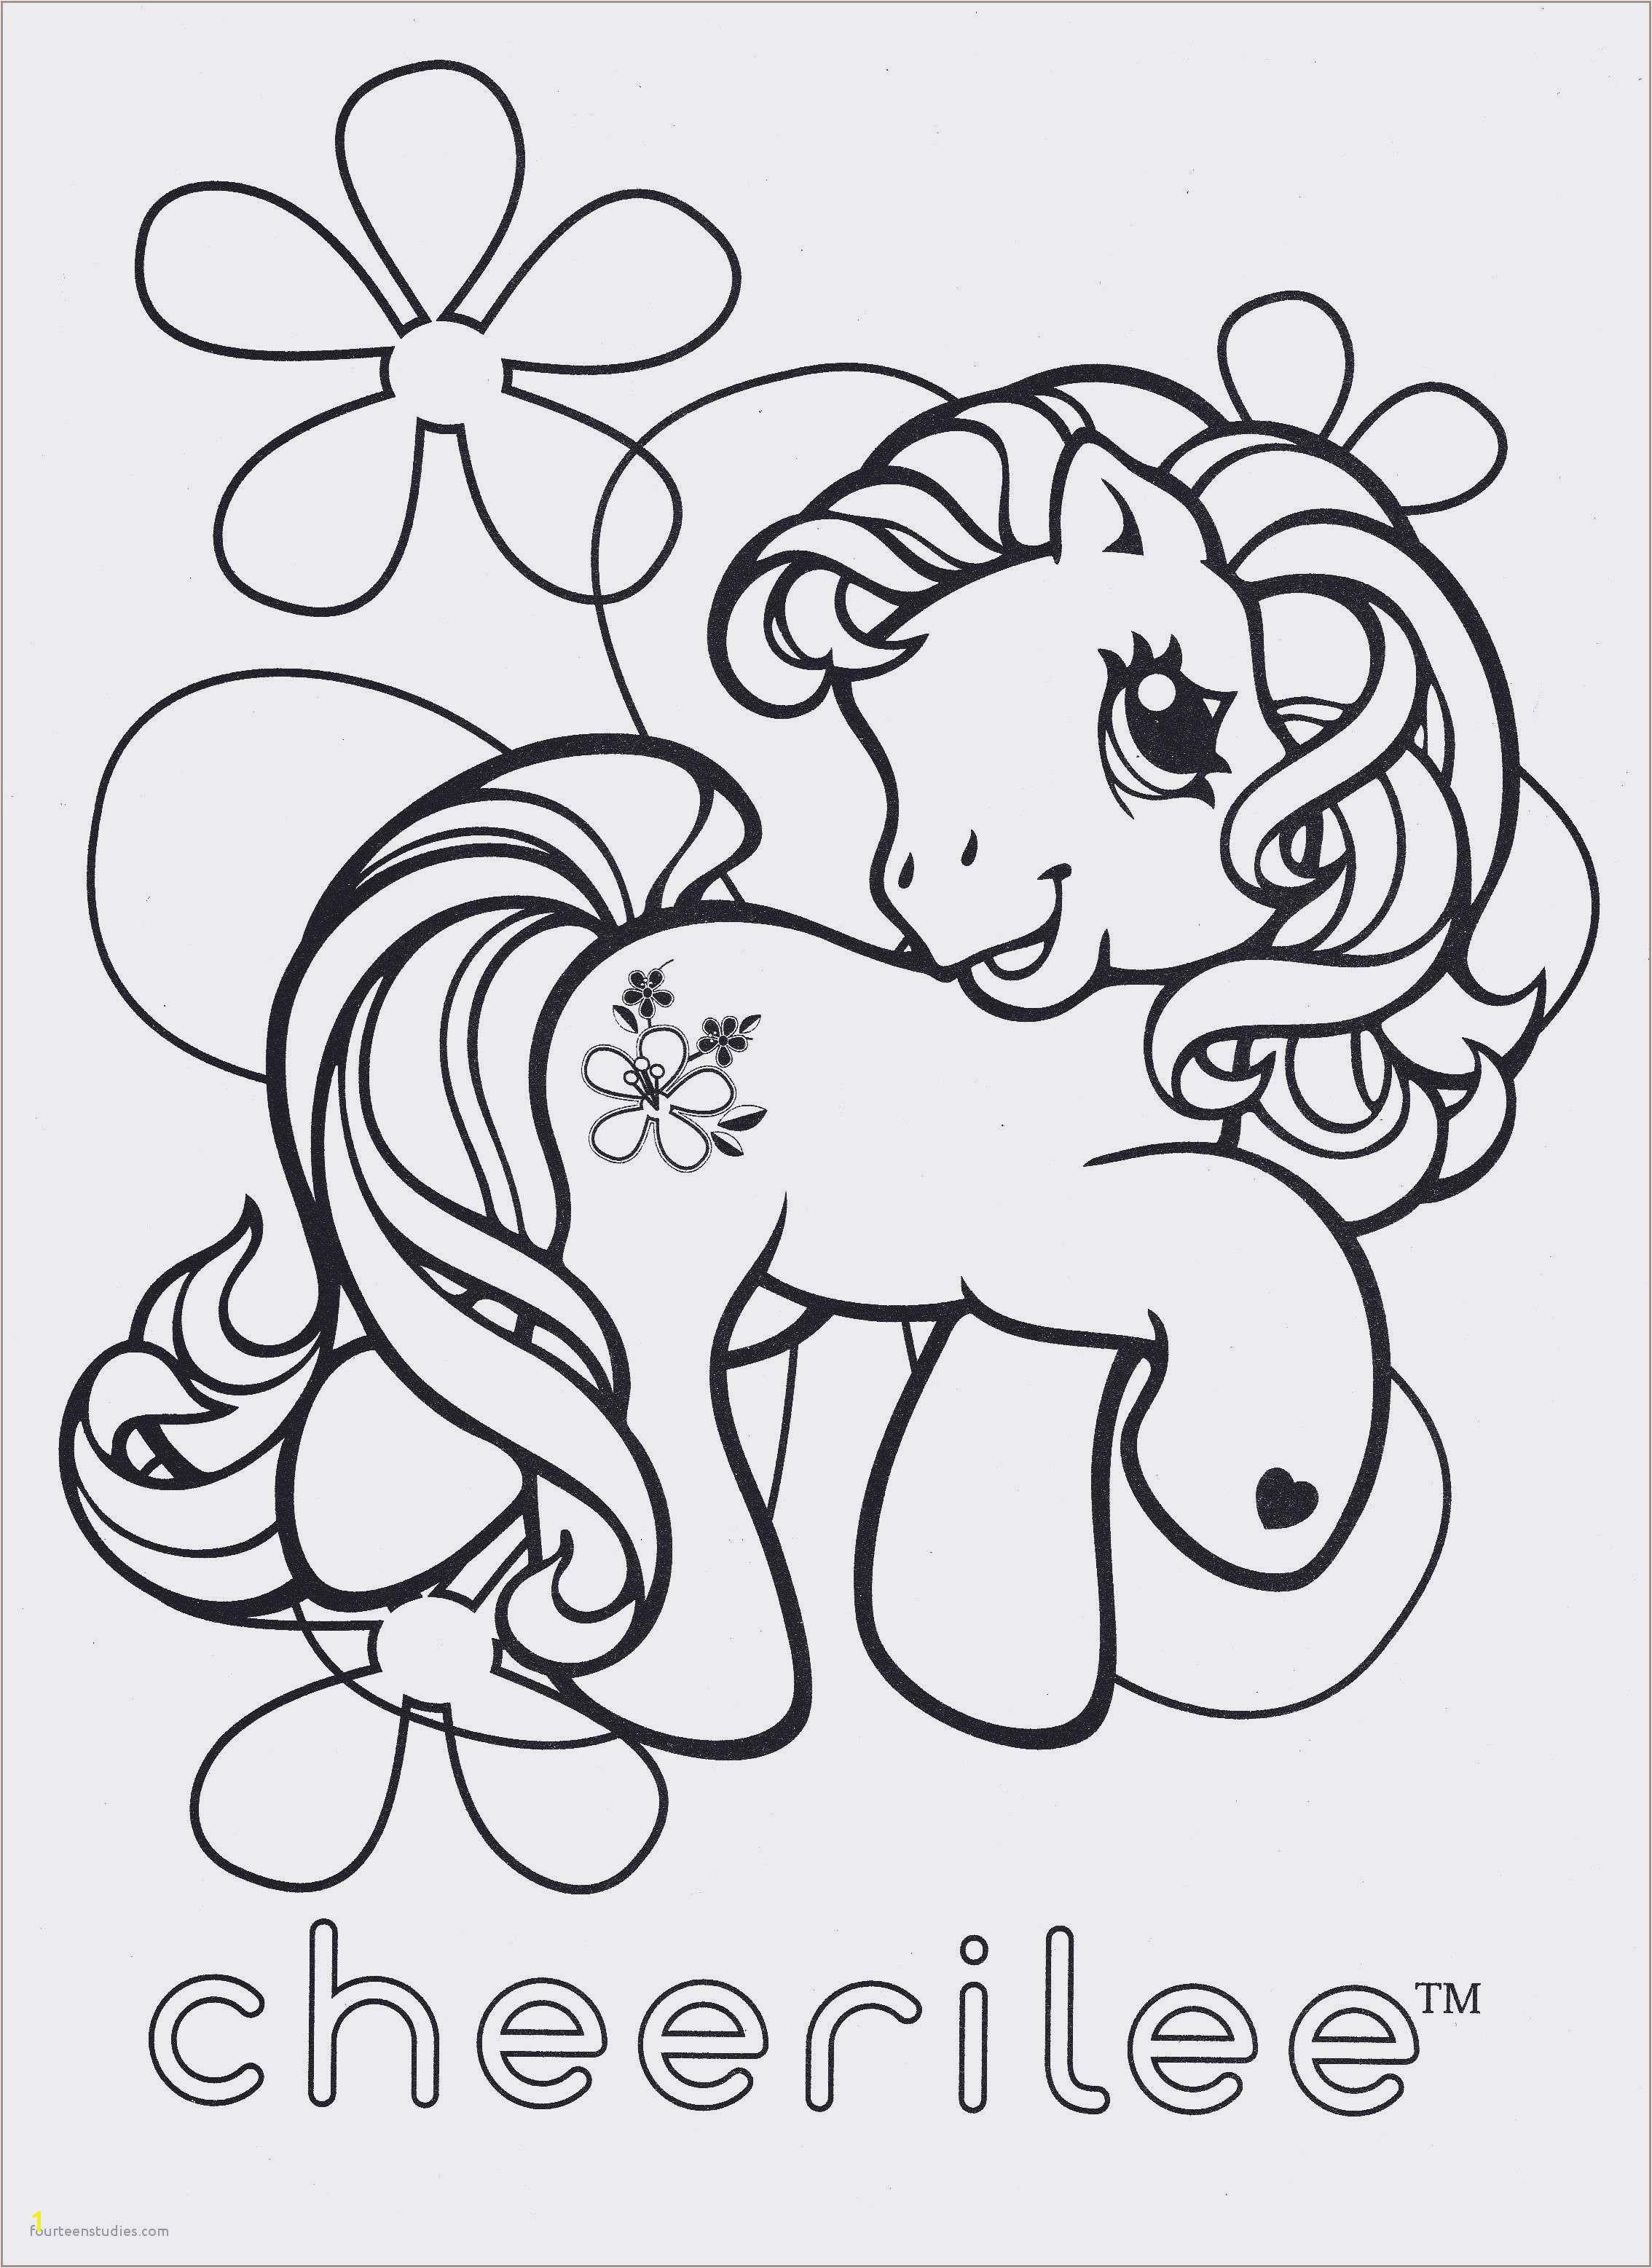 Ausmalbilder sonic Eine Sammlung Von Färbung Bilder Princess Celestia Coloring Pages Download